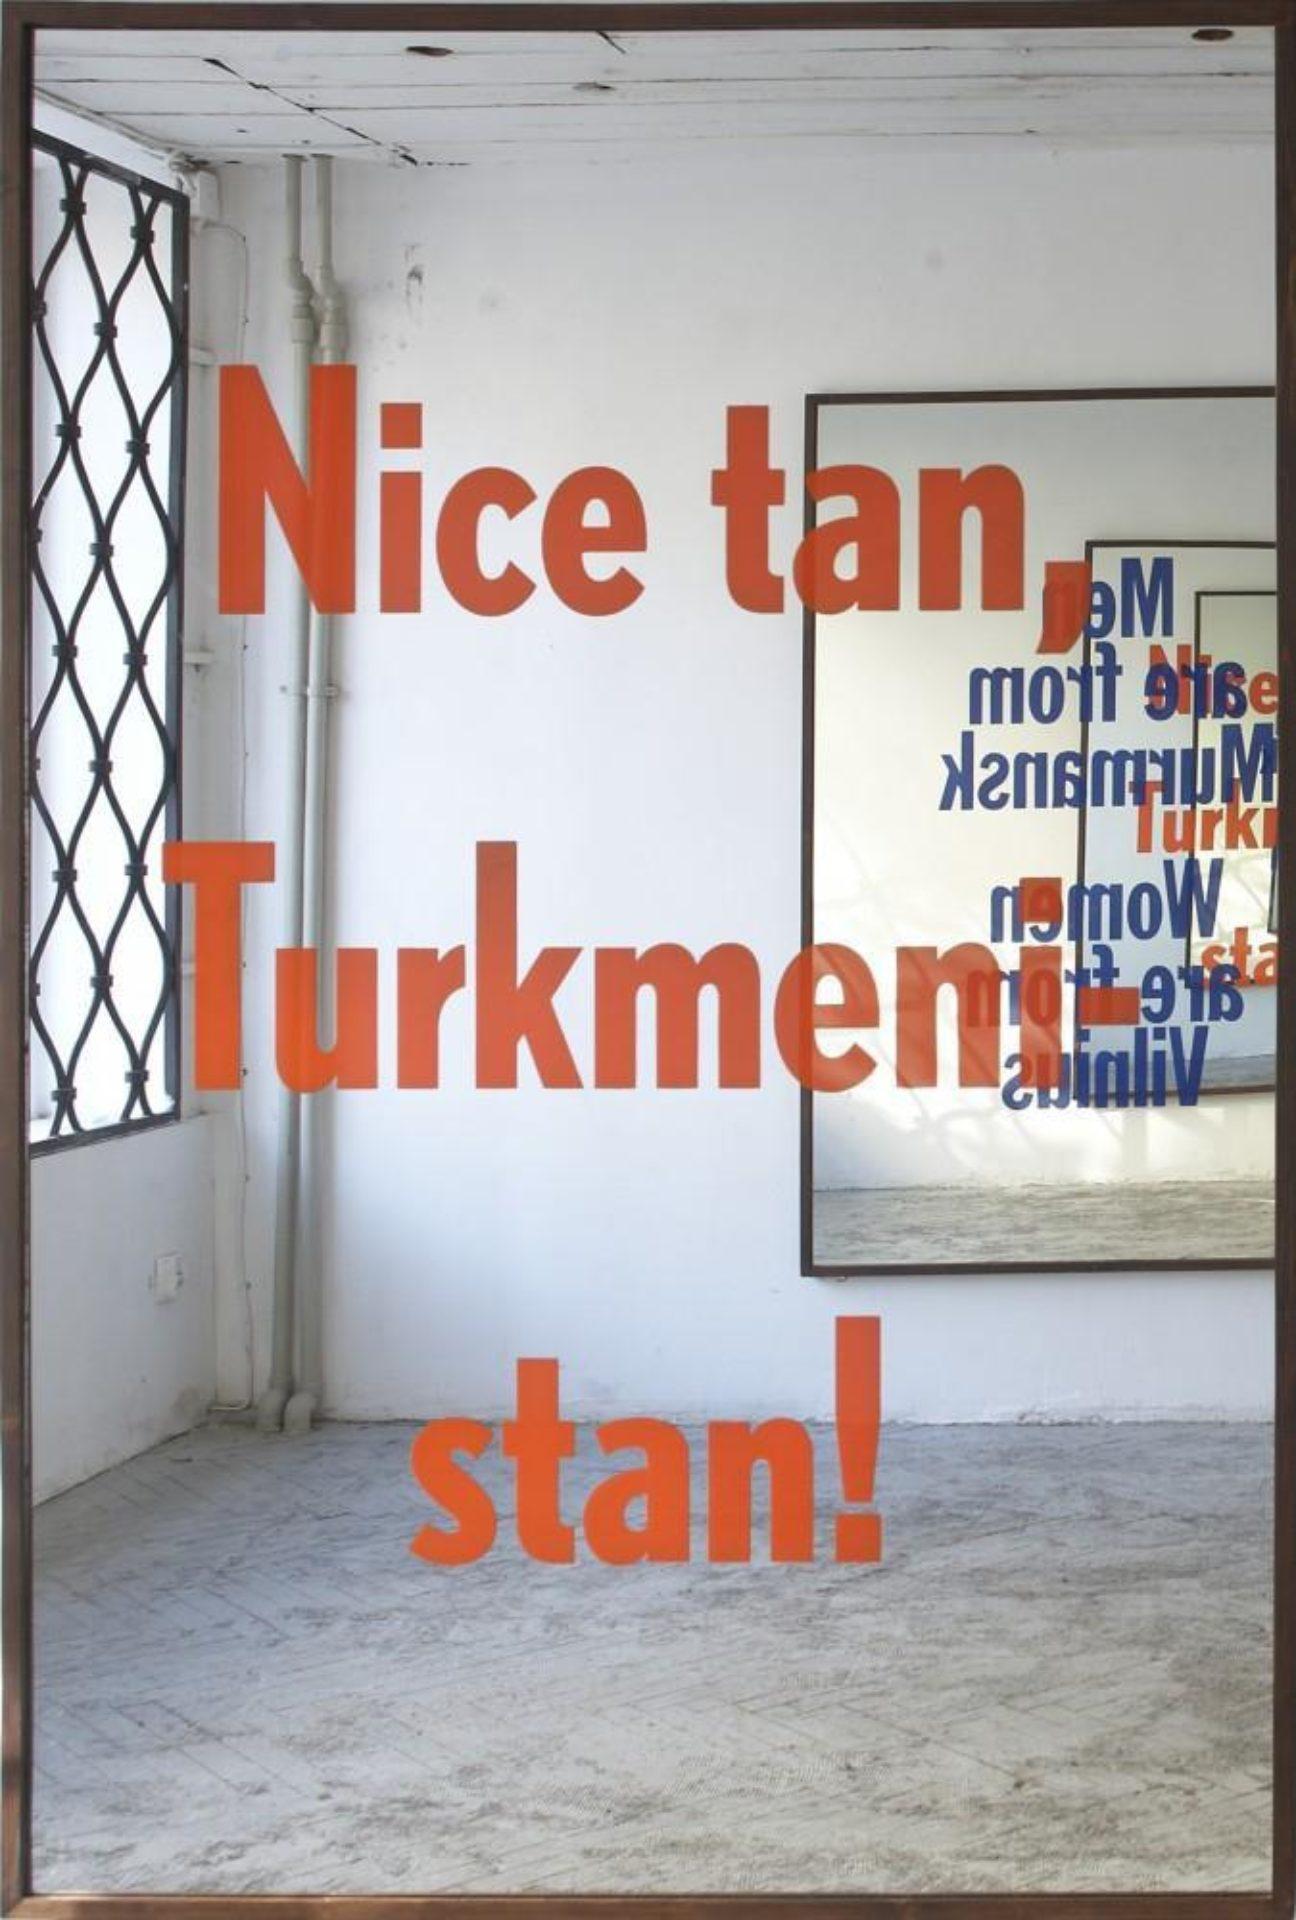 Slavs and Tatars, Nations 2 (Nice tan, Turkmenistan), 2012